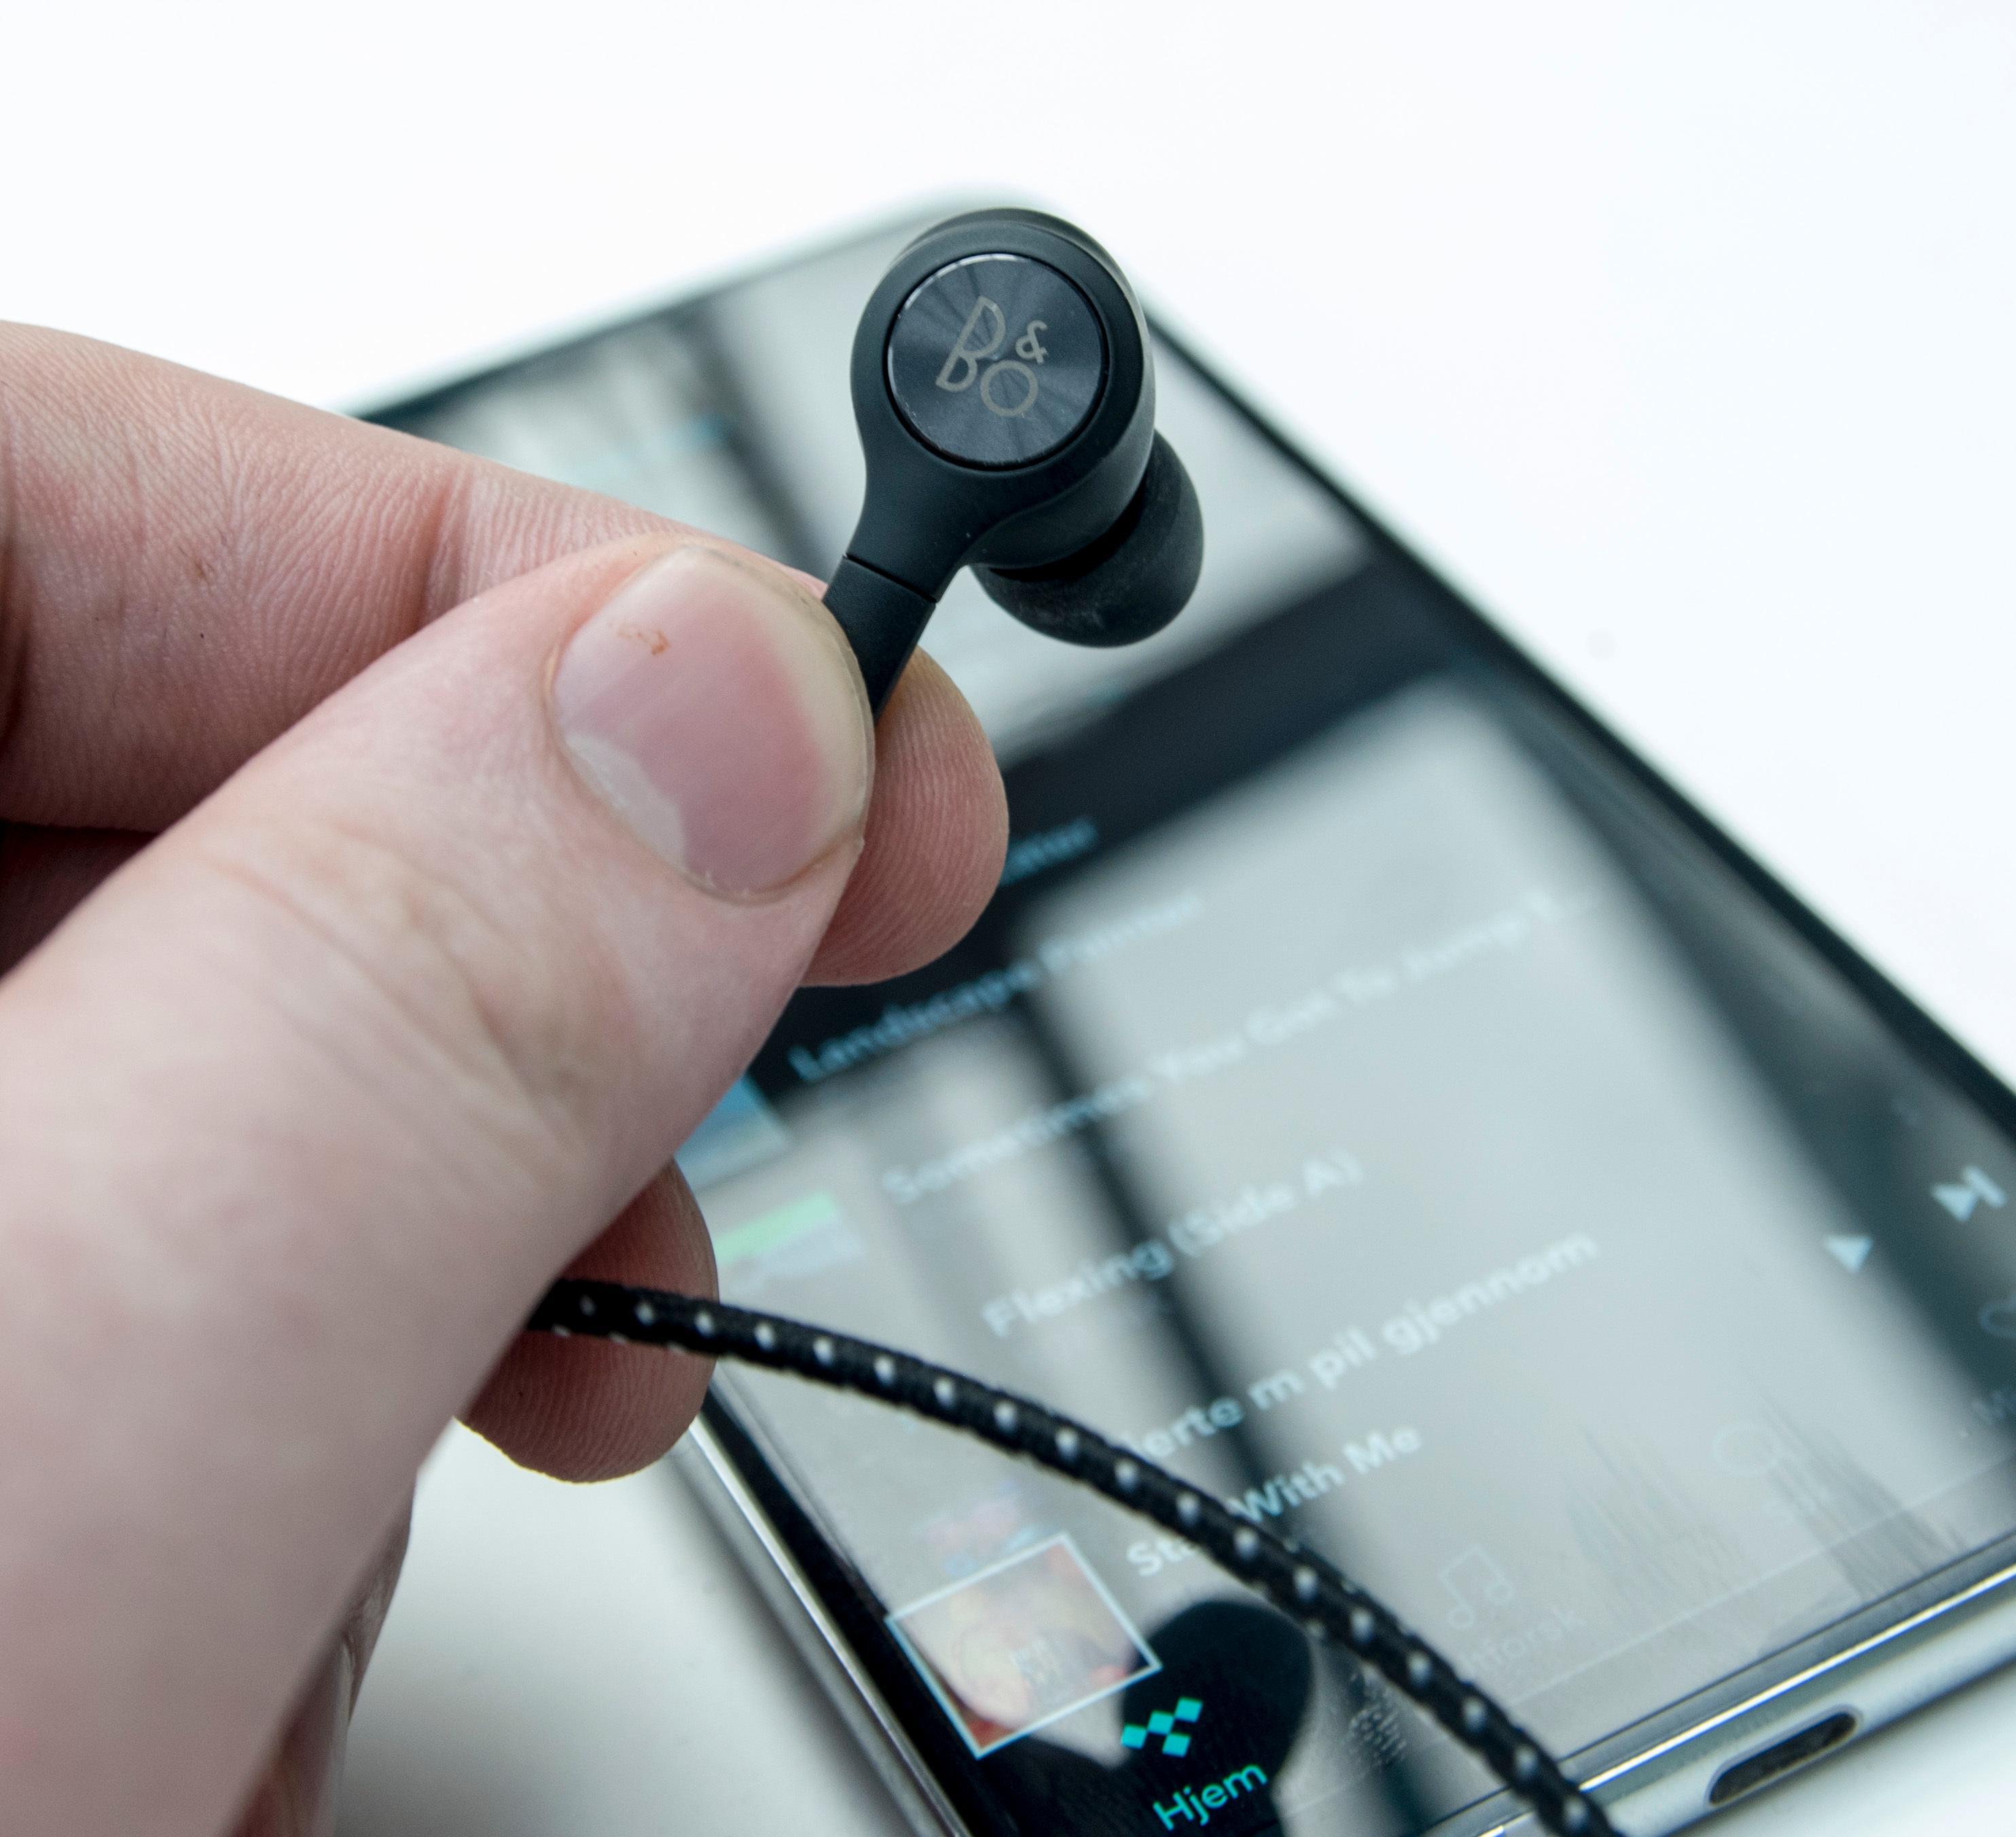 Det følger med et sett knallgode ørepropper fra B&O, men du kan trygt bruke betydelig mer krevende utstyr med V30.